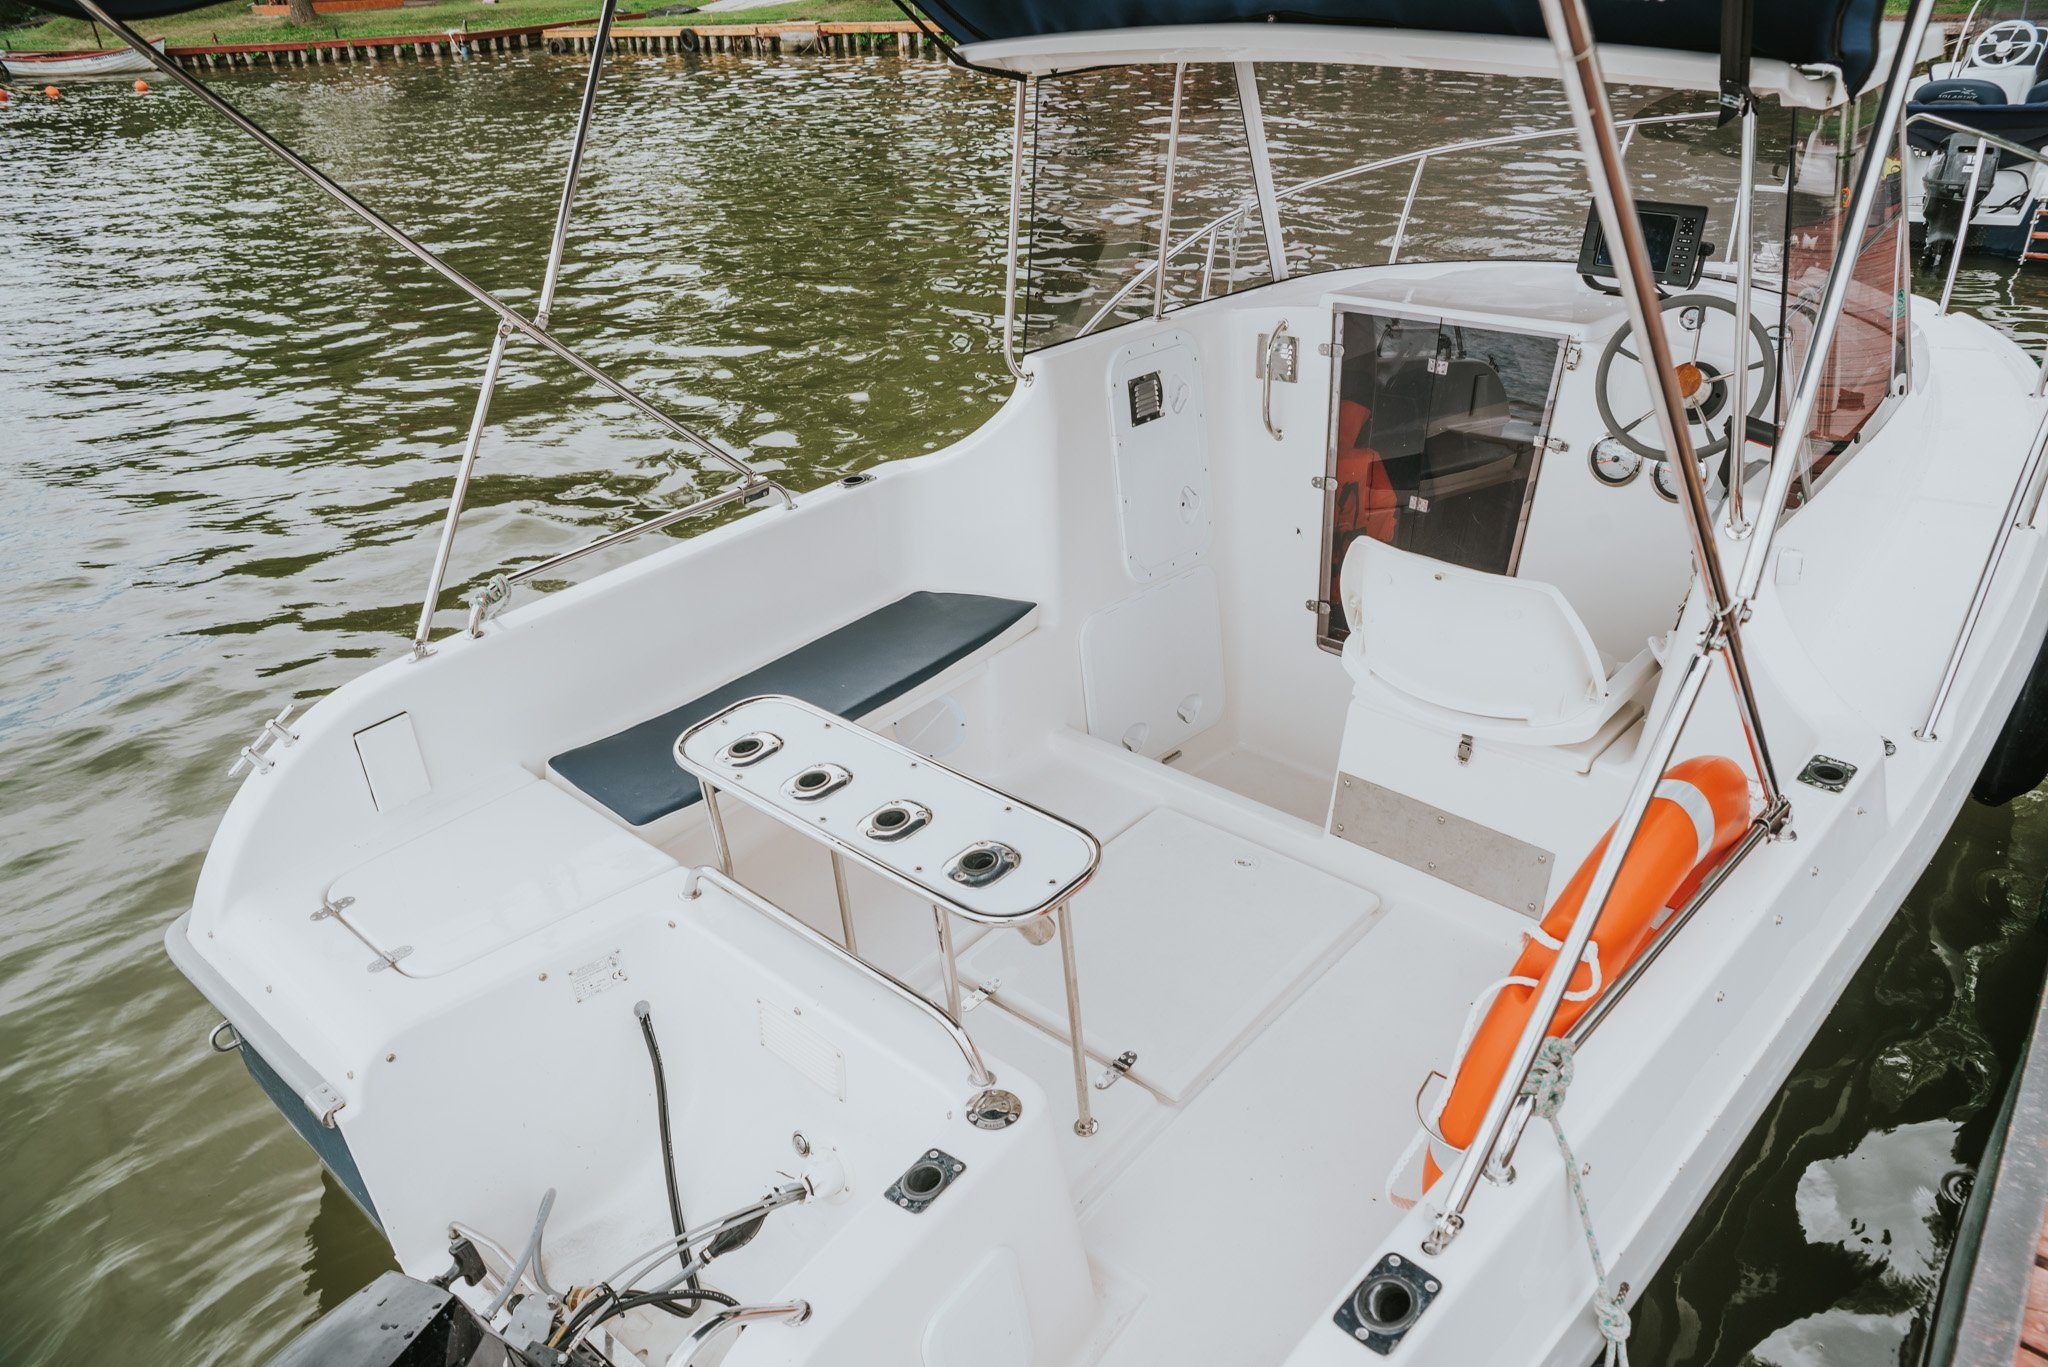 Pokład i sterówka jachtu spacerowego Pilothouse 535 do wynajmu w okolicach Węgorzewa.